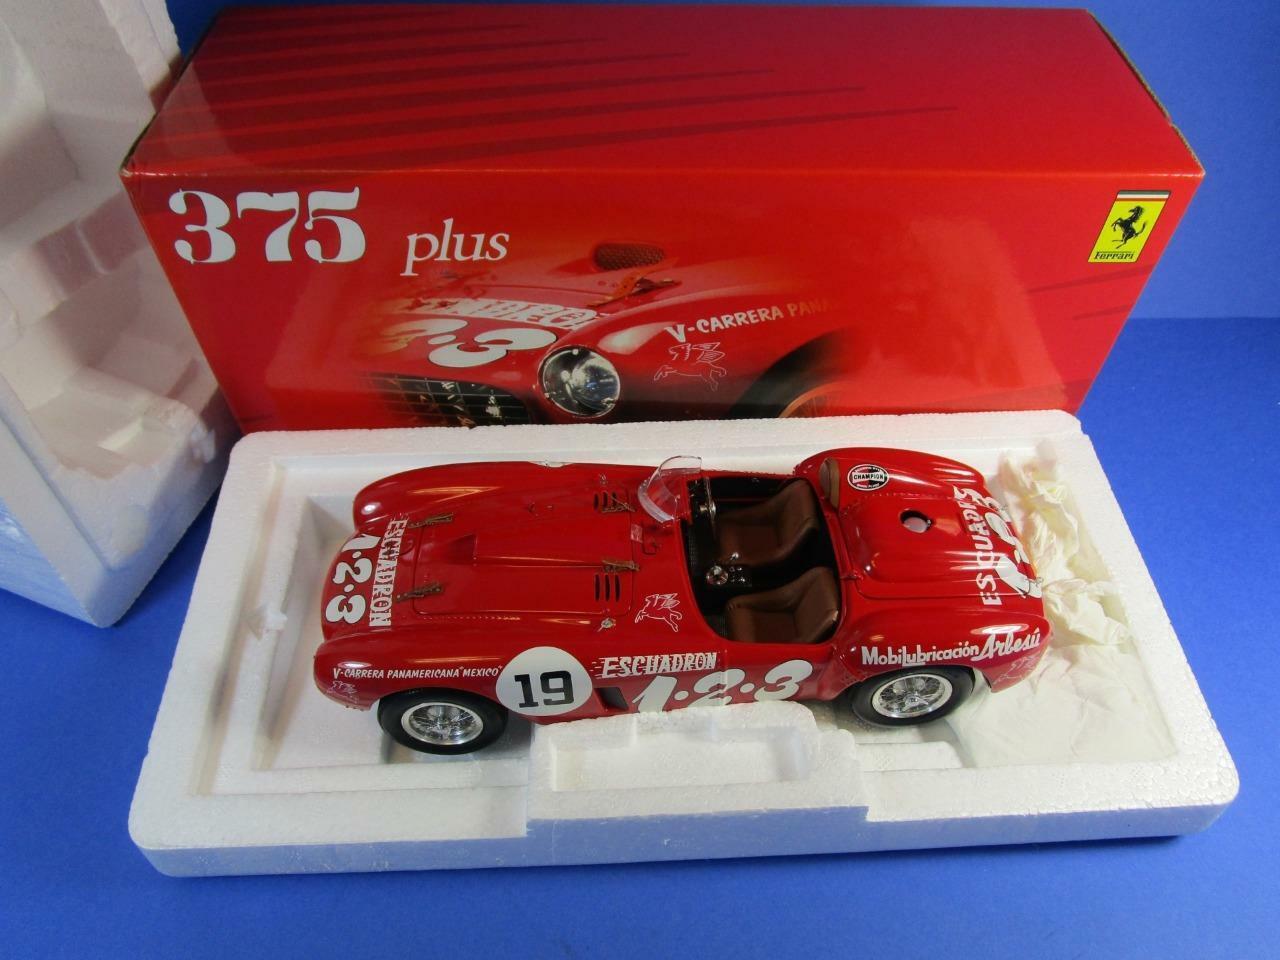 BBR modellos Ferrari 375 Plus, 118, Nuovo di zecca con scatola